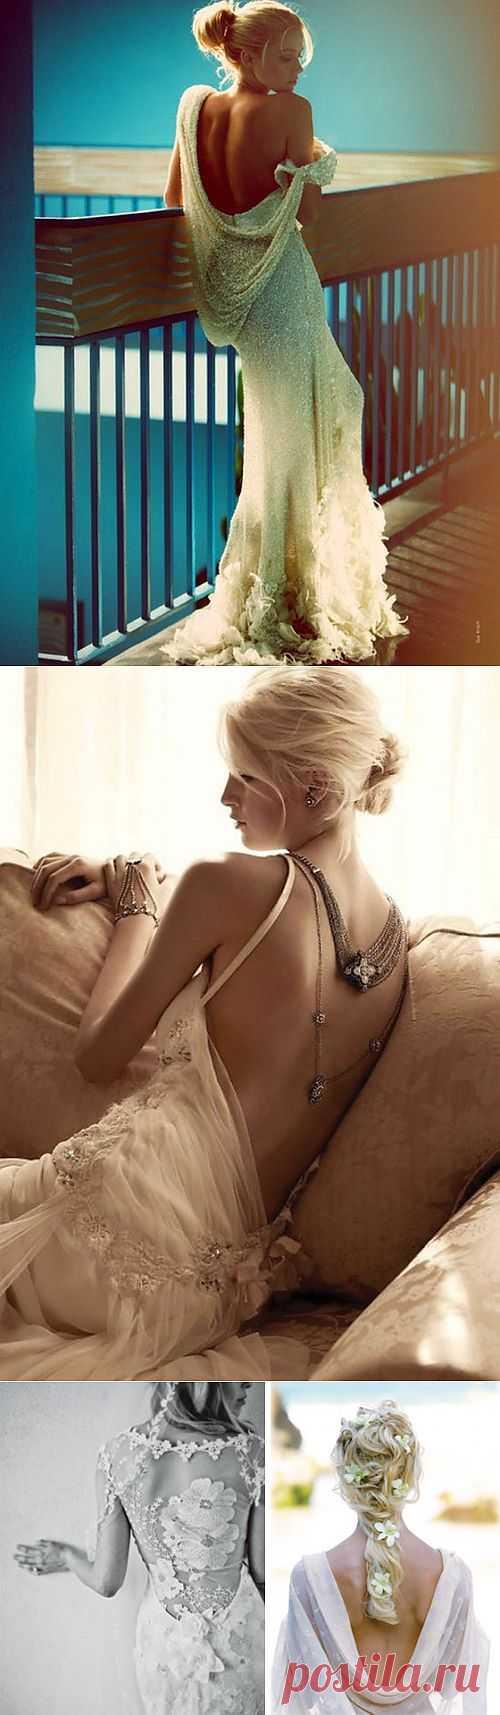 Плечико упало (подборка) / Декор спины / Модный сайт о стильной переделке одежды и интерьера